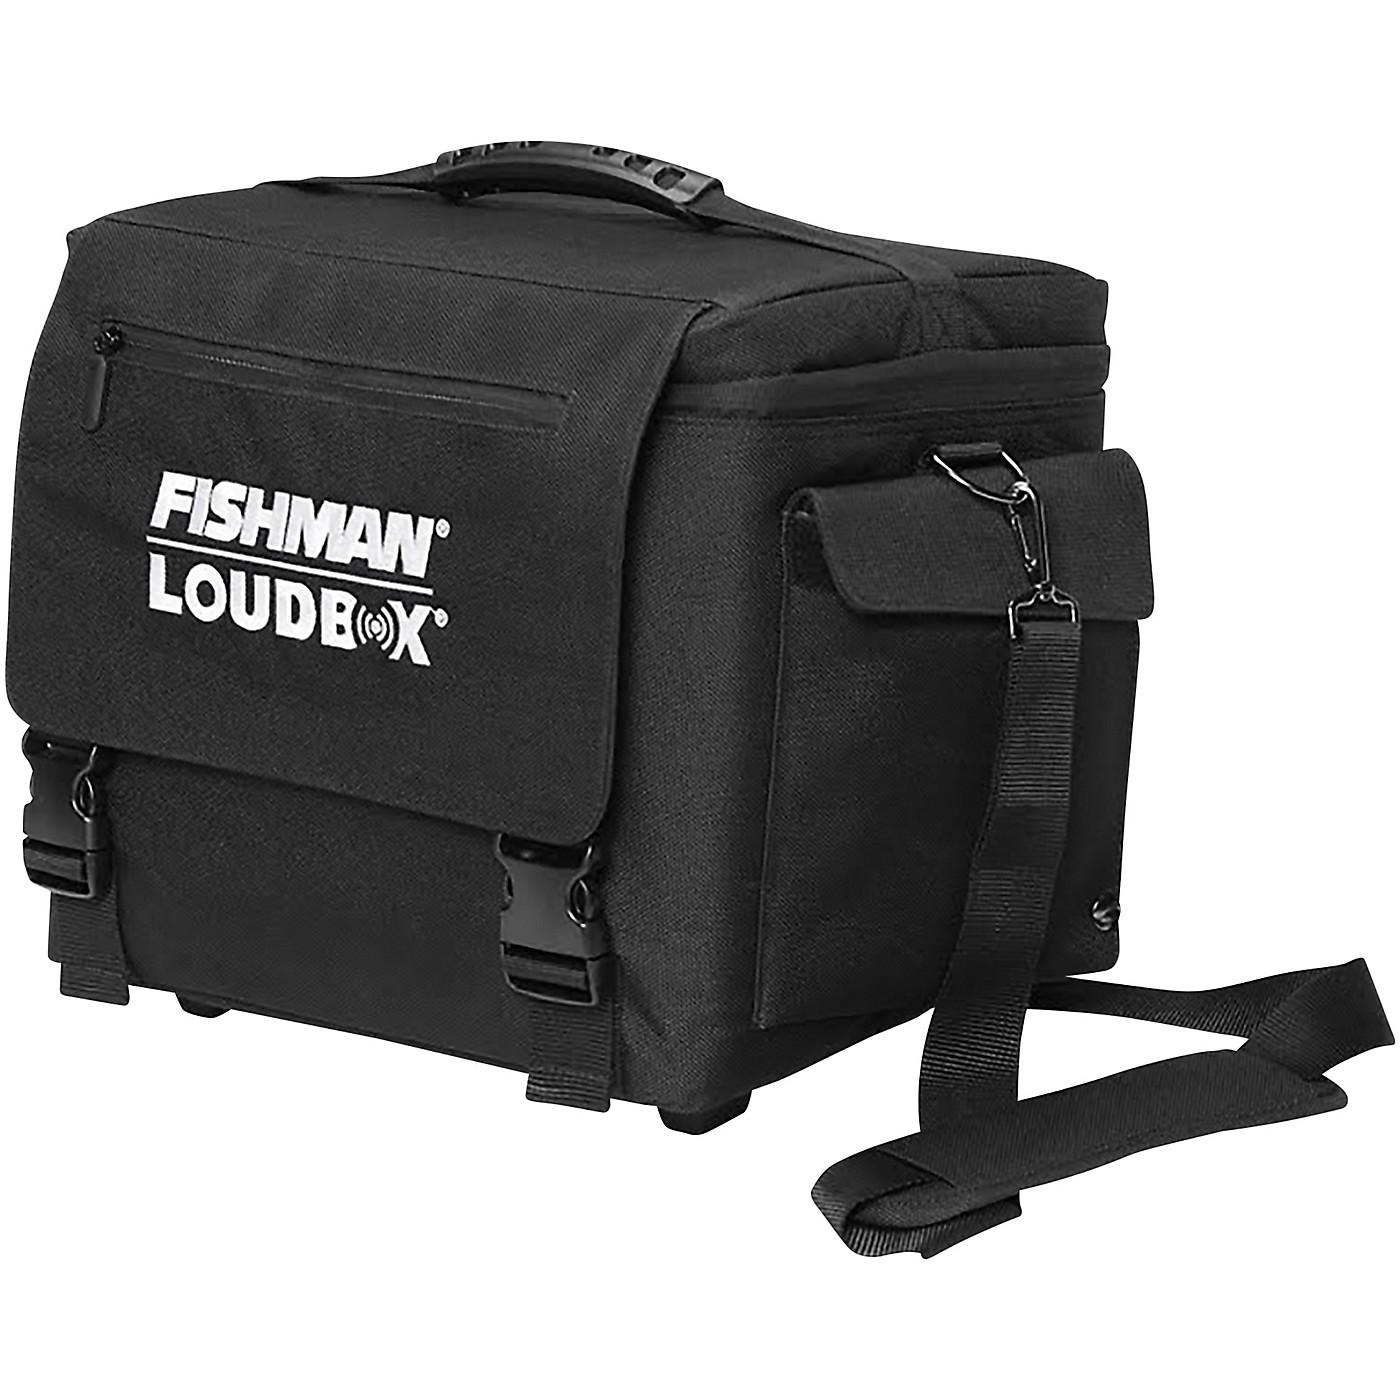 Fishman Loudbox Mini / Mini Charge Deluxe Carry Bag thumbnail